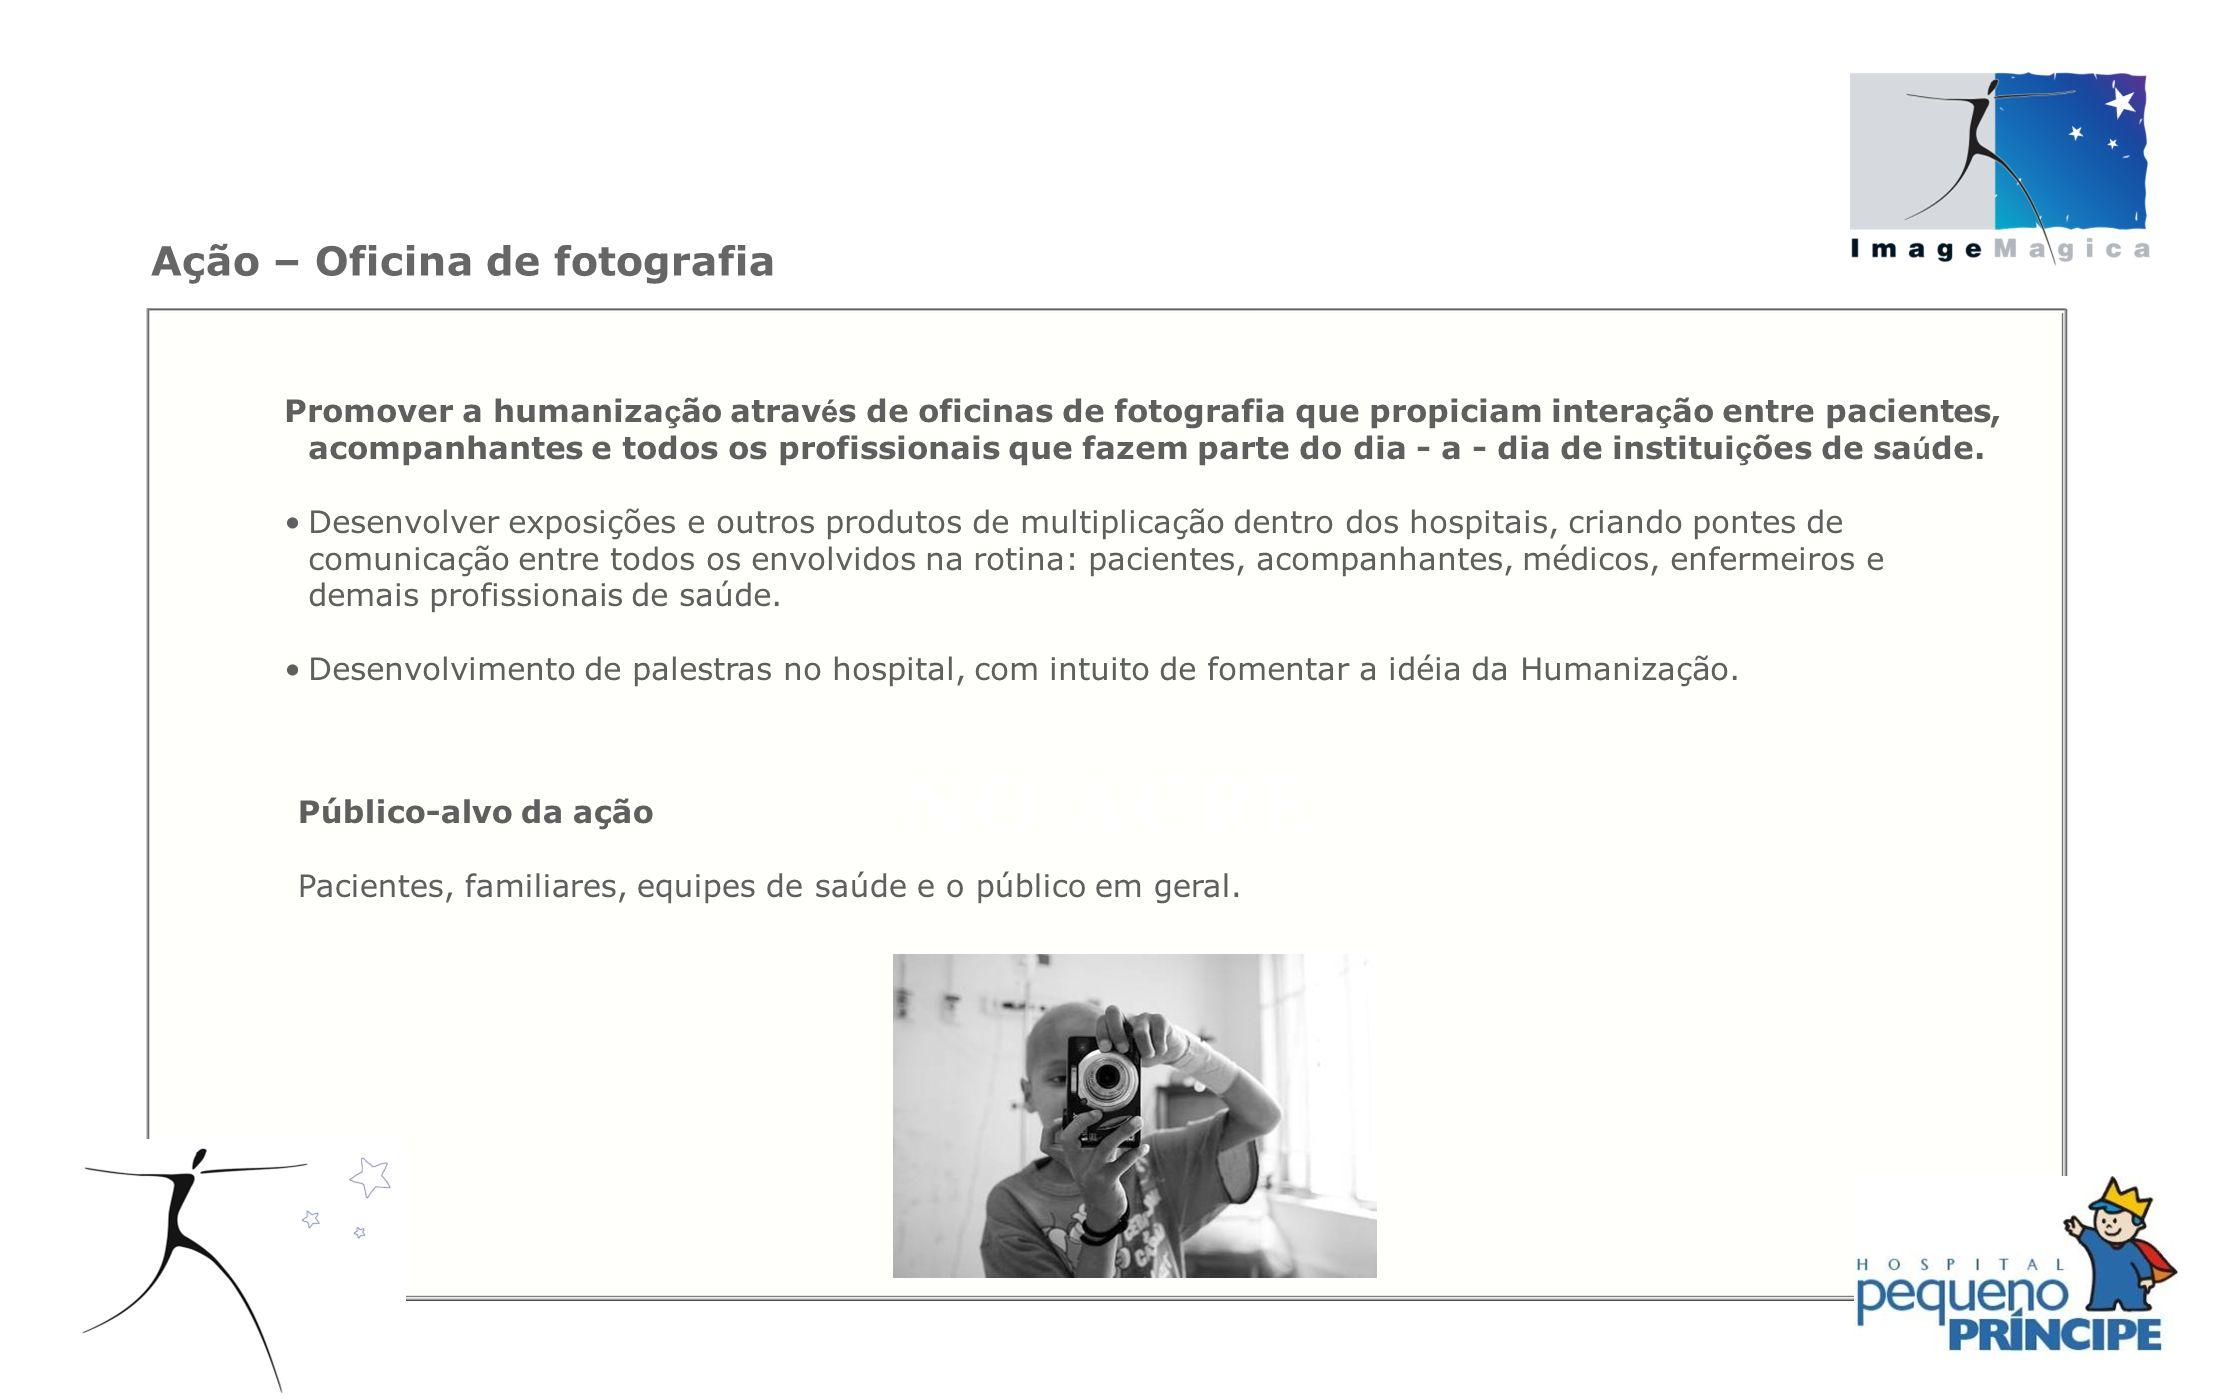 Ação – Oficina de fotografia Promover a humaniza ç ão atrav é s de oficinas de fotografia que propiciam intera ç ão entre pacientes, acompanhantes e t